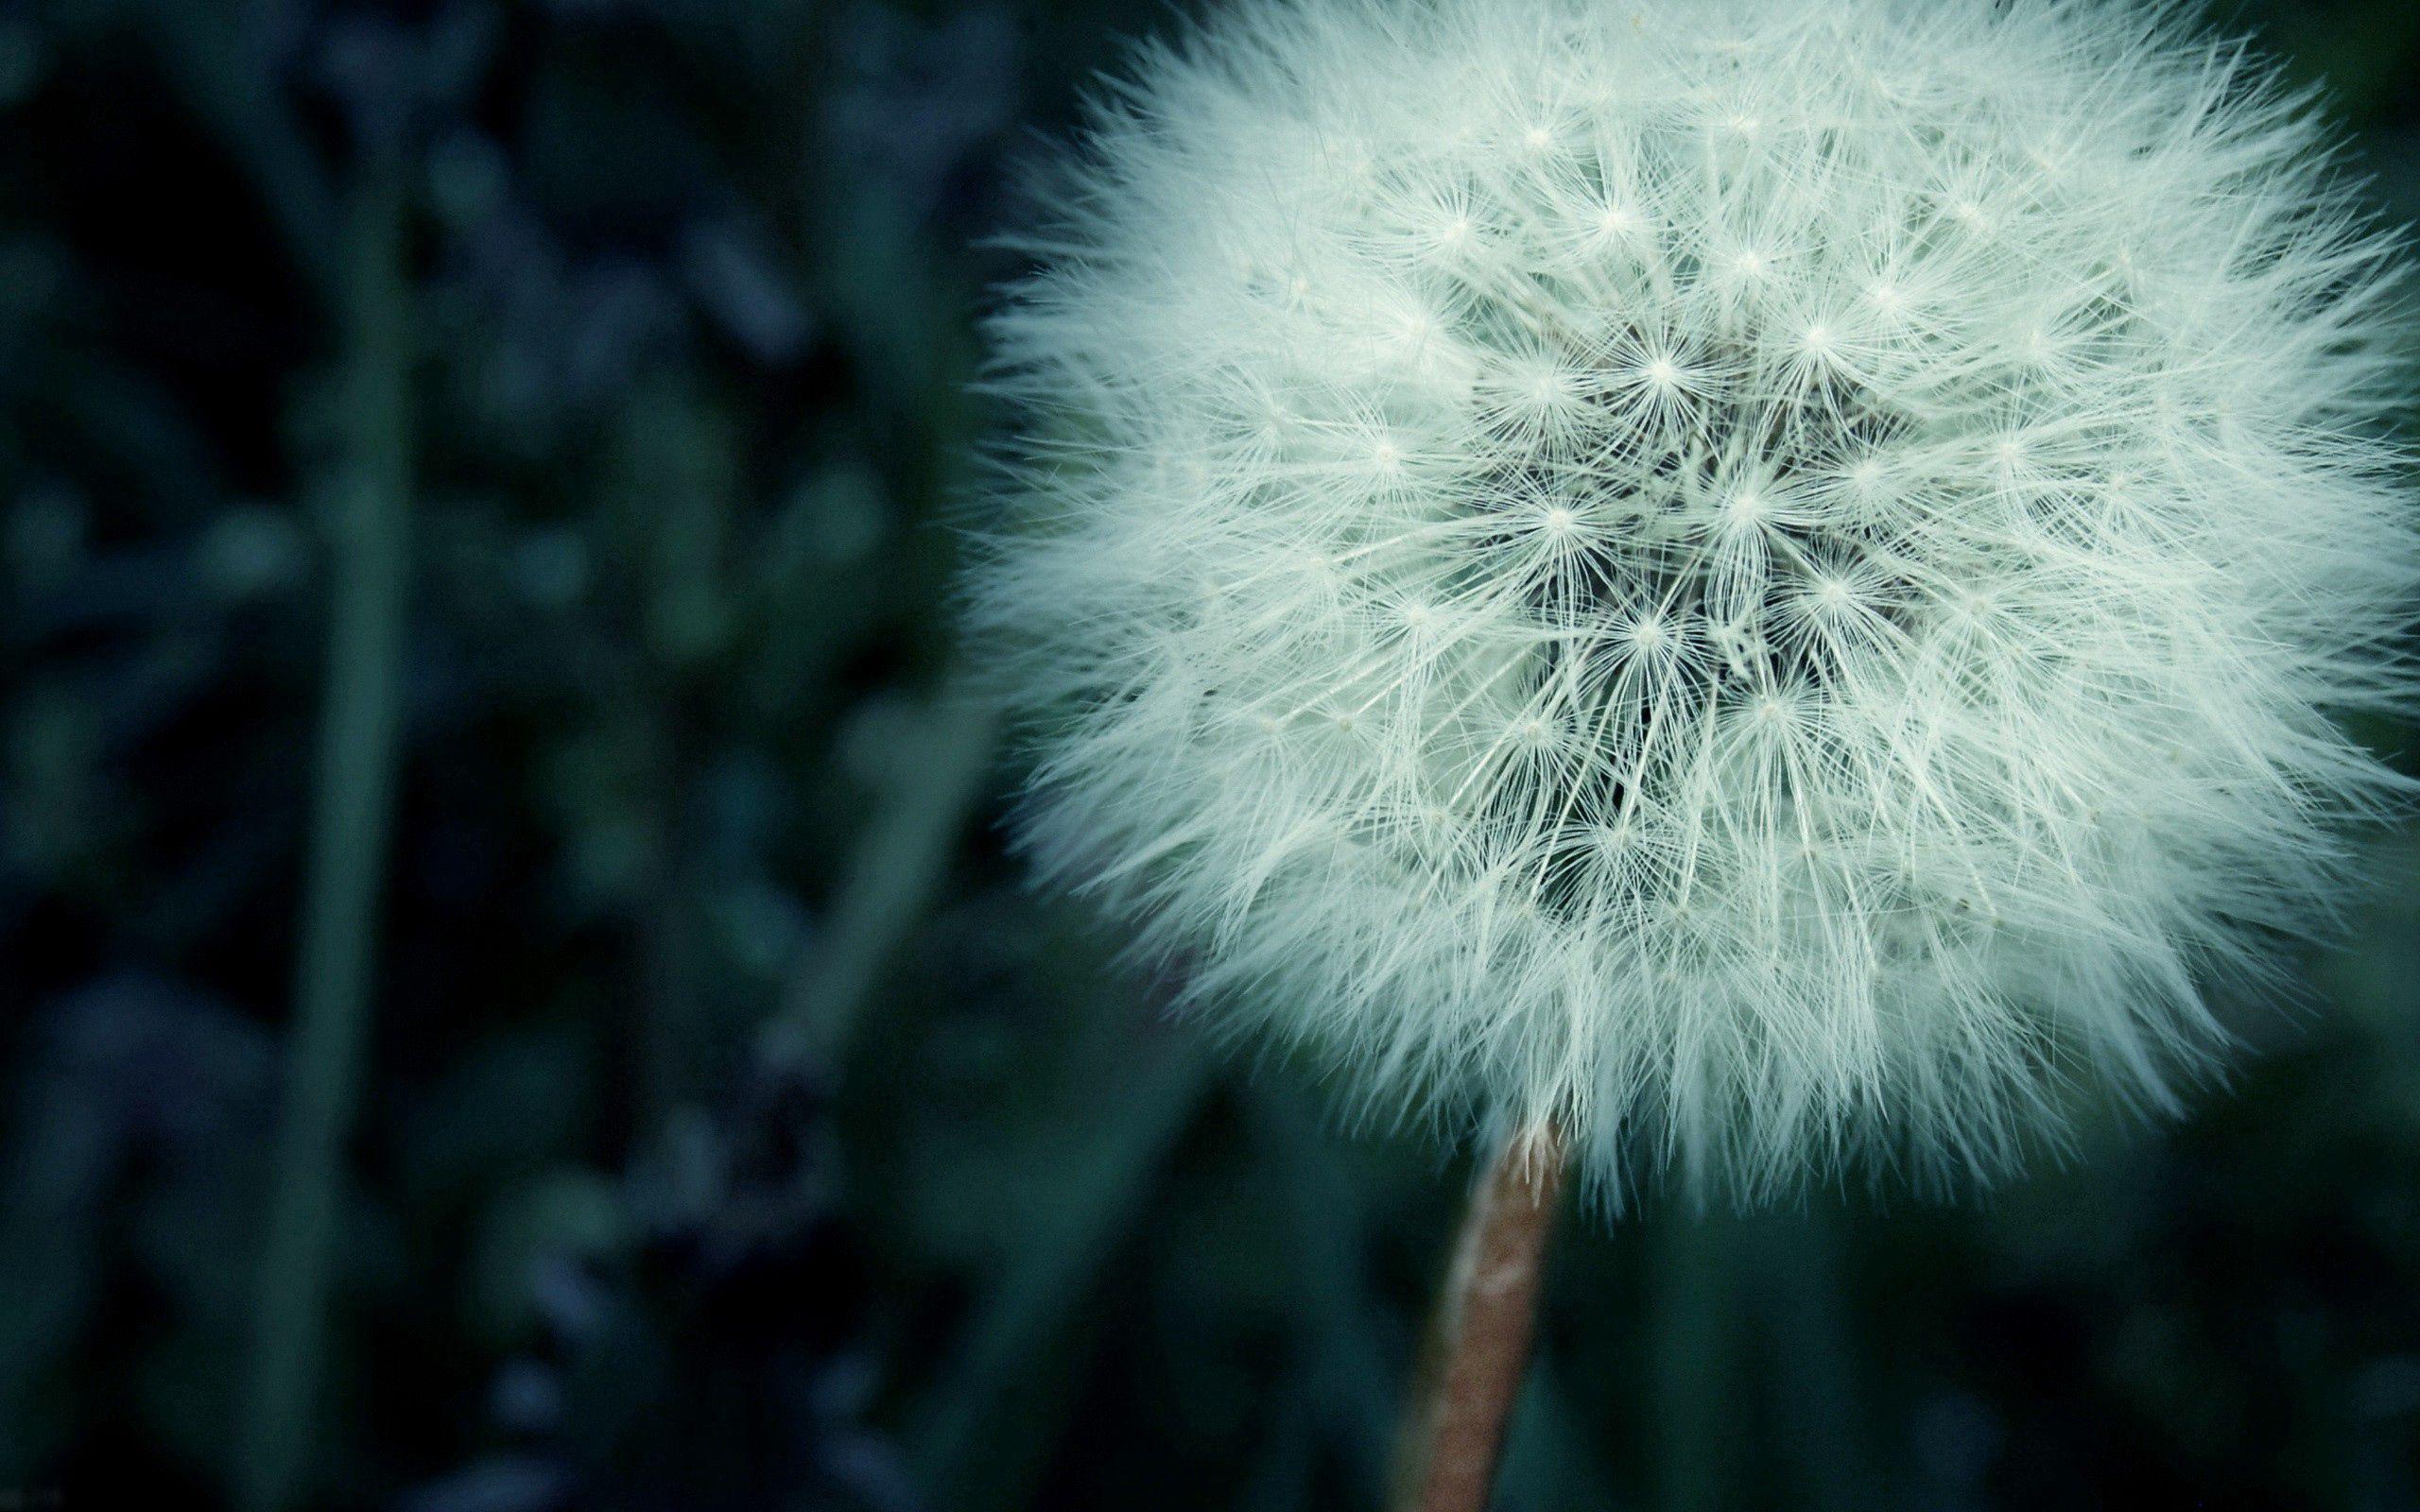 105418 Hintergrundbild herunterladen Löwenzahn, Blume, Makro, Flaum, Fuzz - Bildschirmschoner und Bilder kostenlos